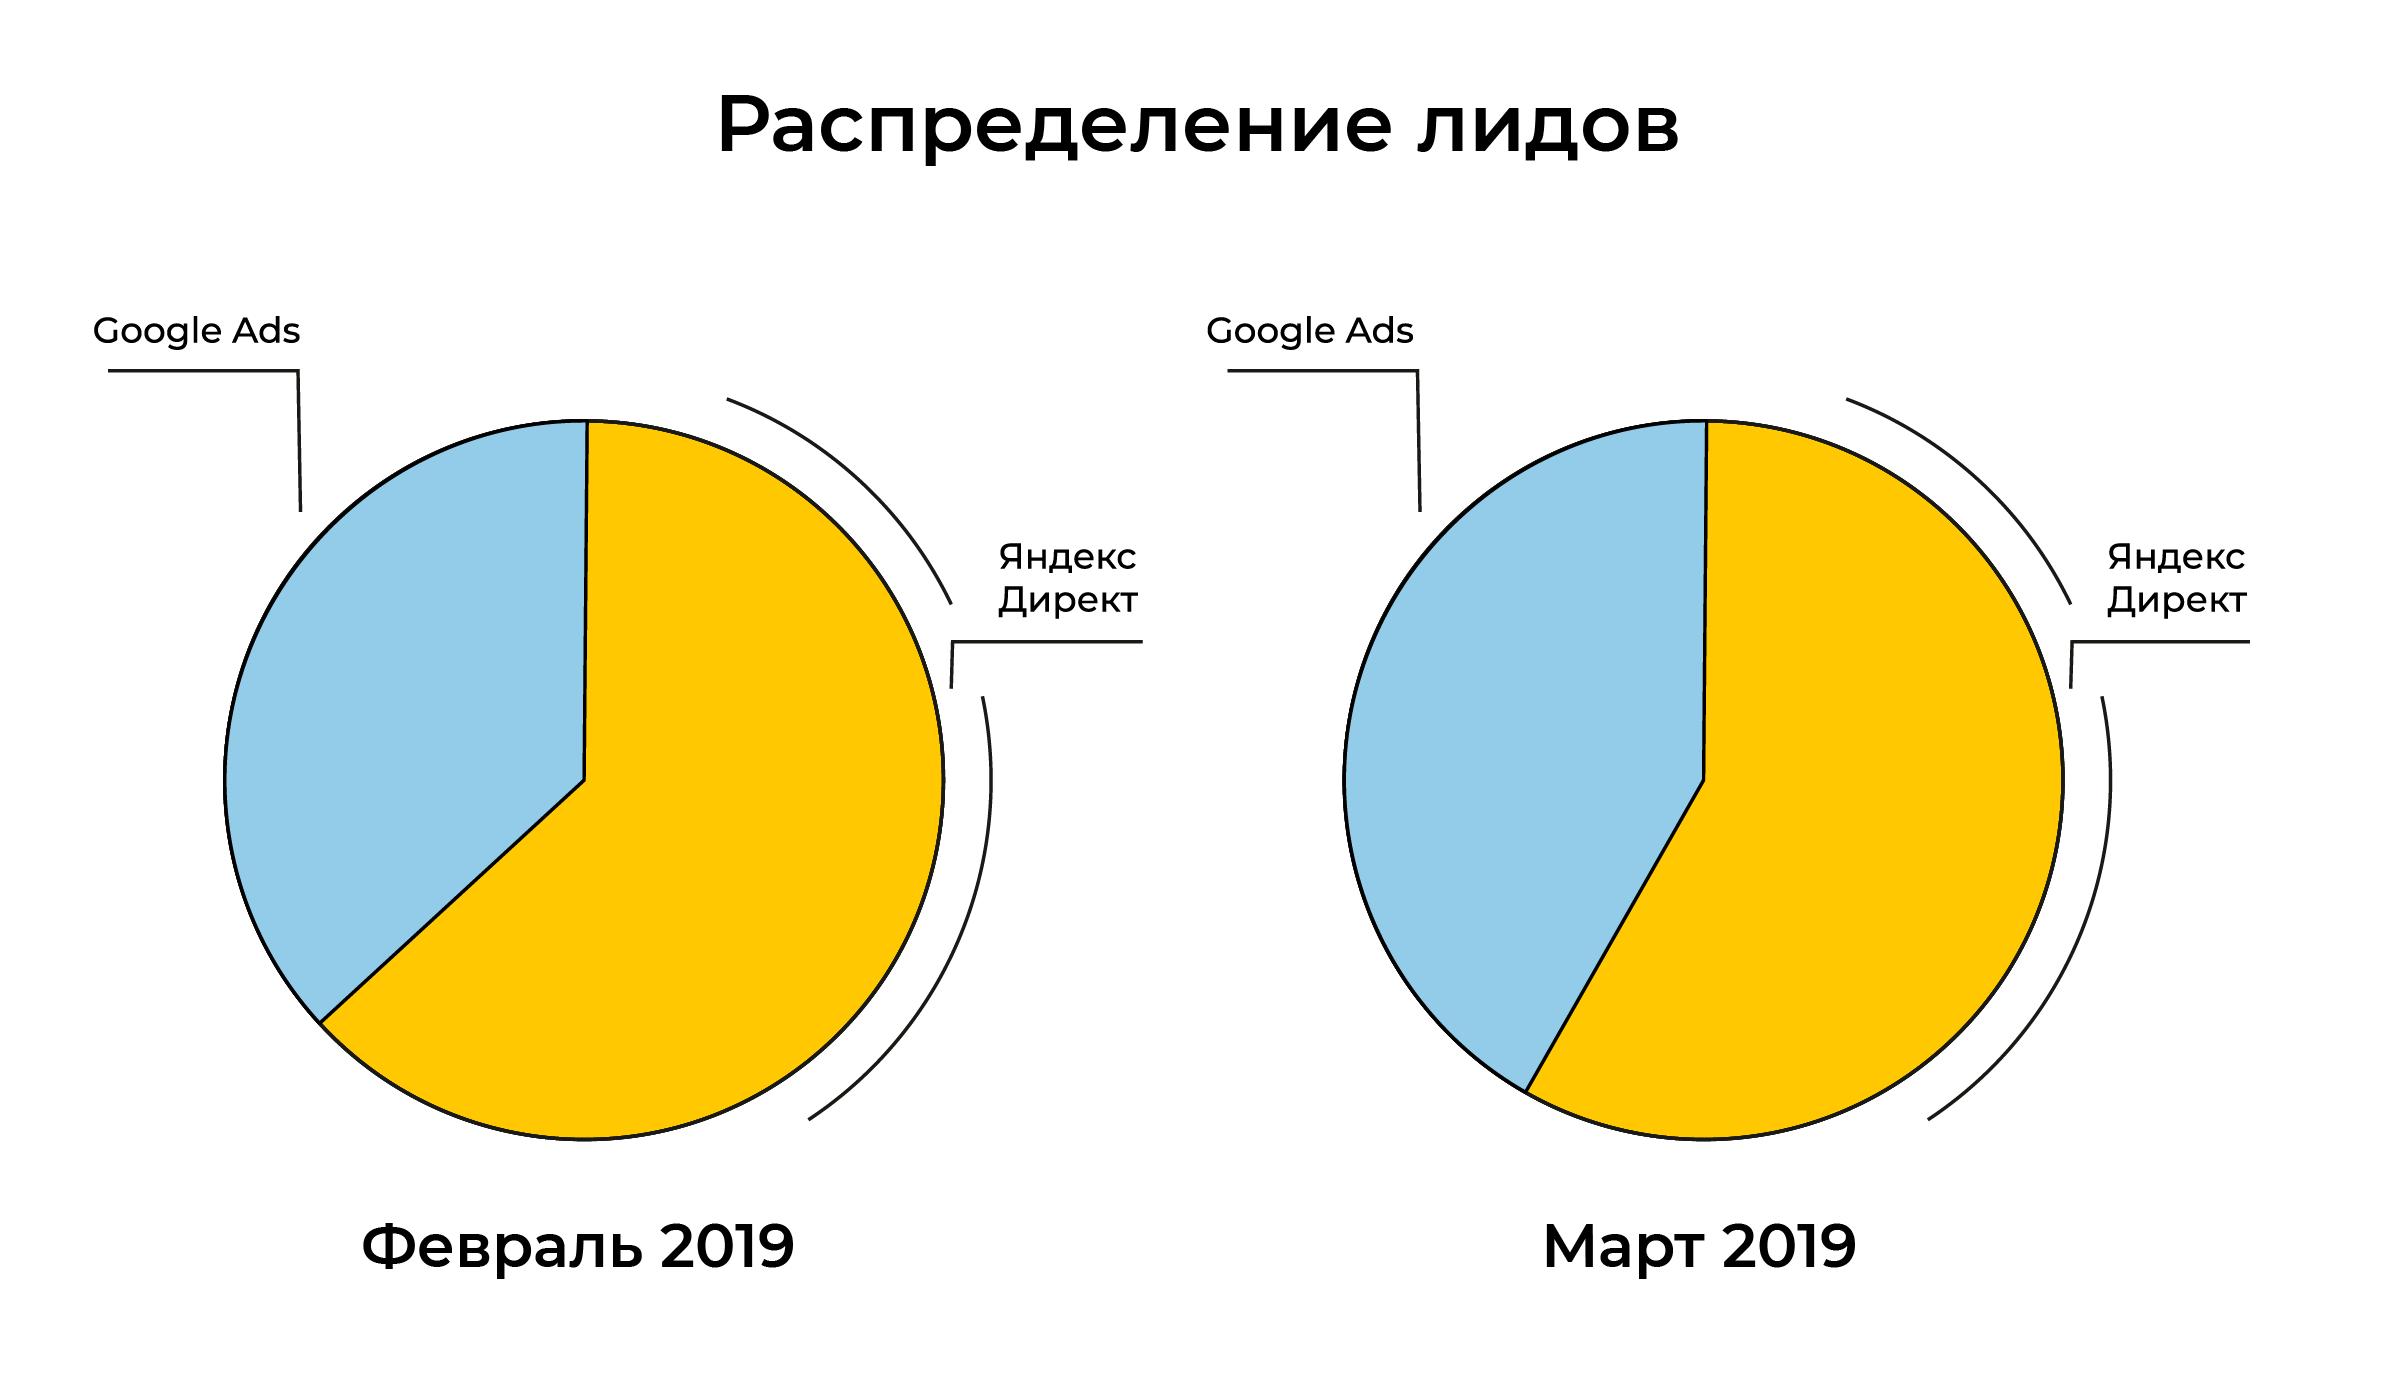 Весной Google Ads привлекал в автосервис около 15 лидов